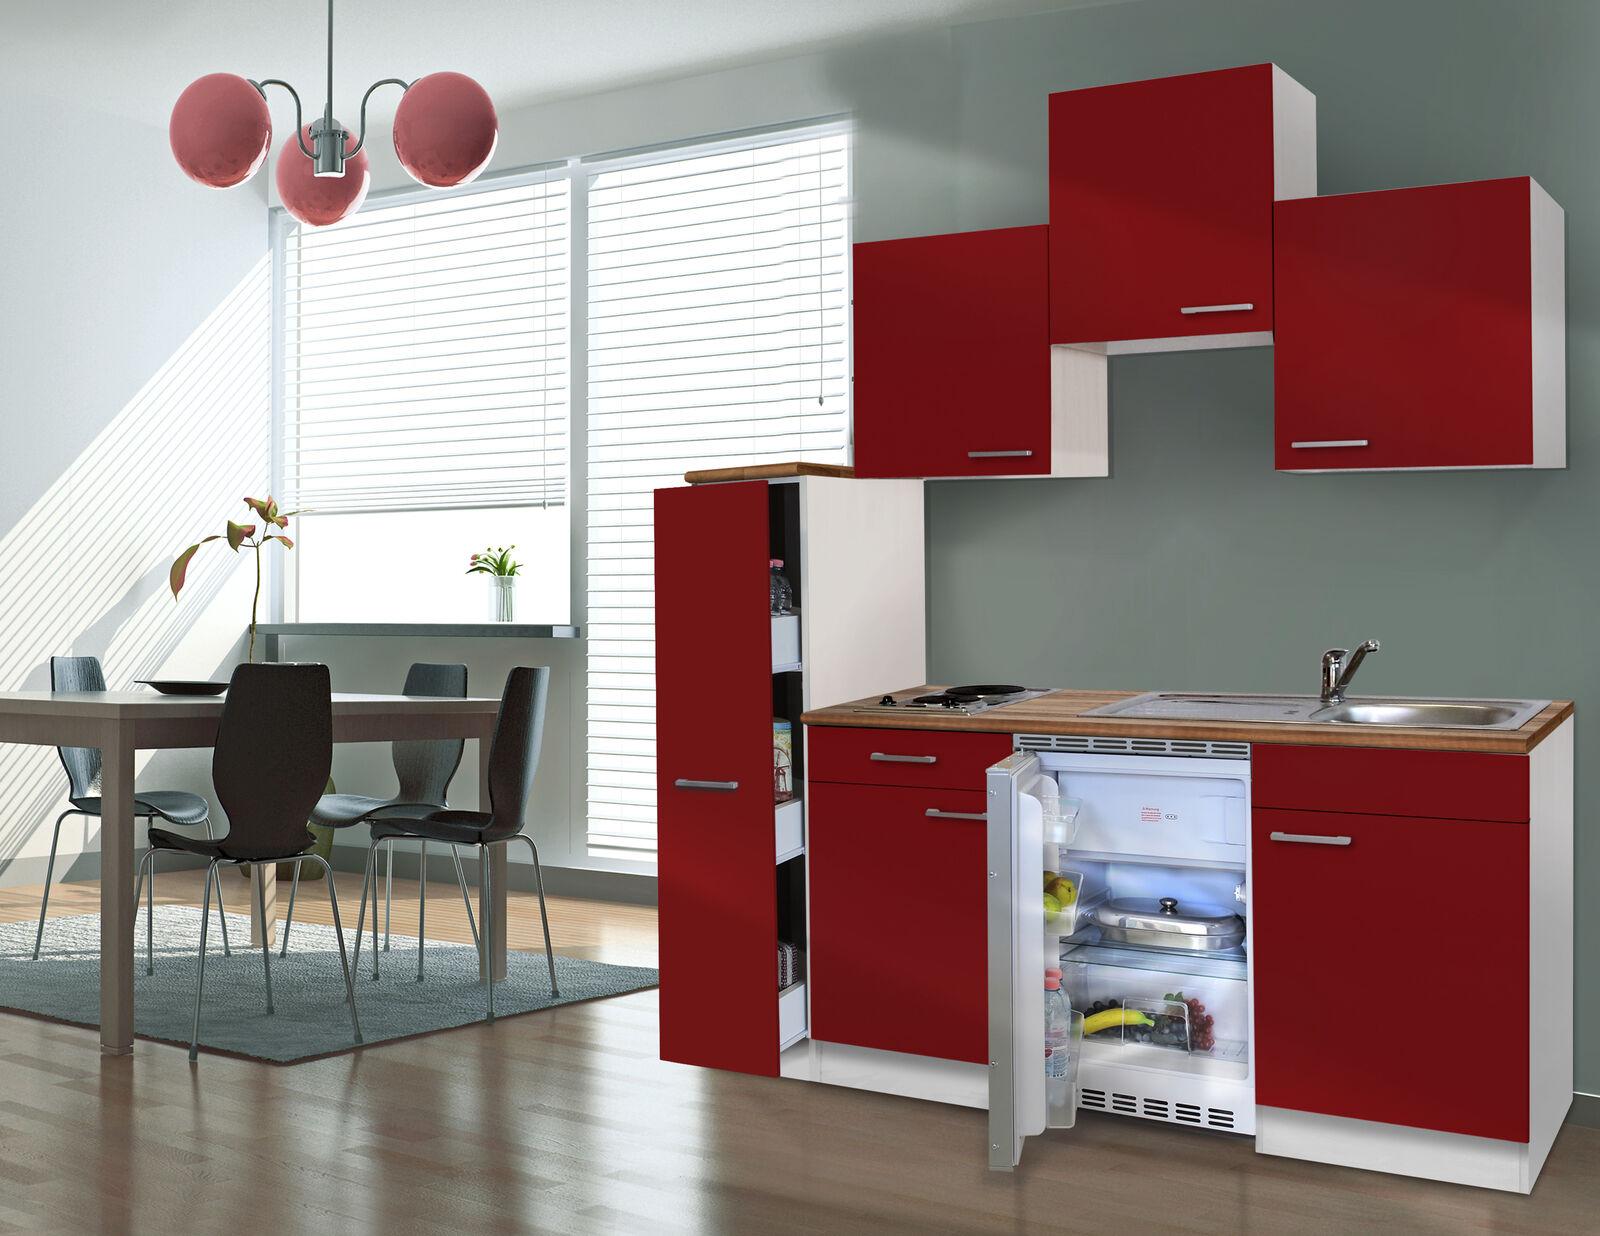 /Blocco Mini Single Cucina 180/cm Rovere York Finto Bianco respekta/